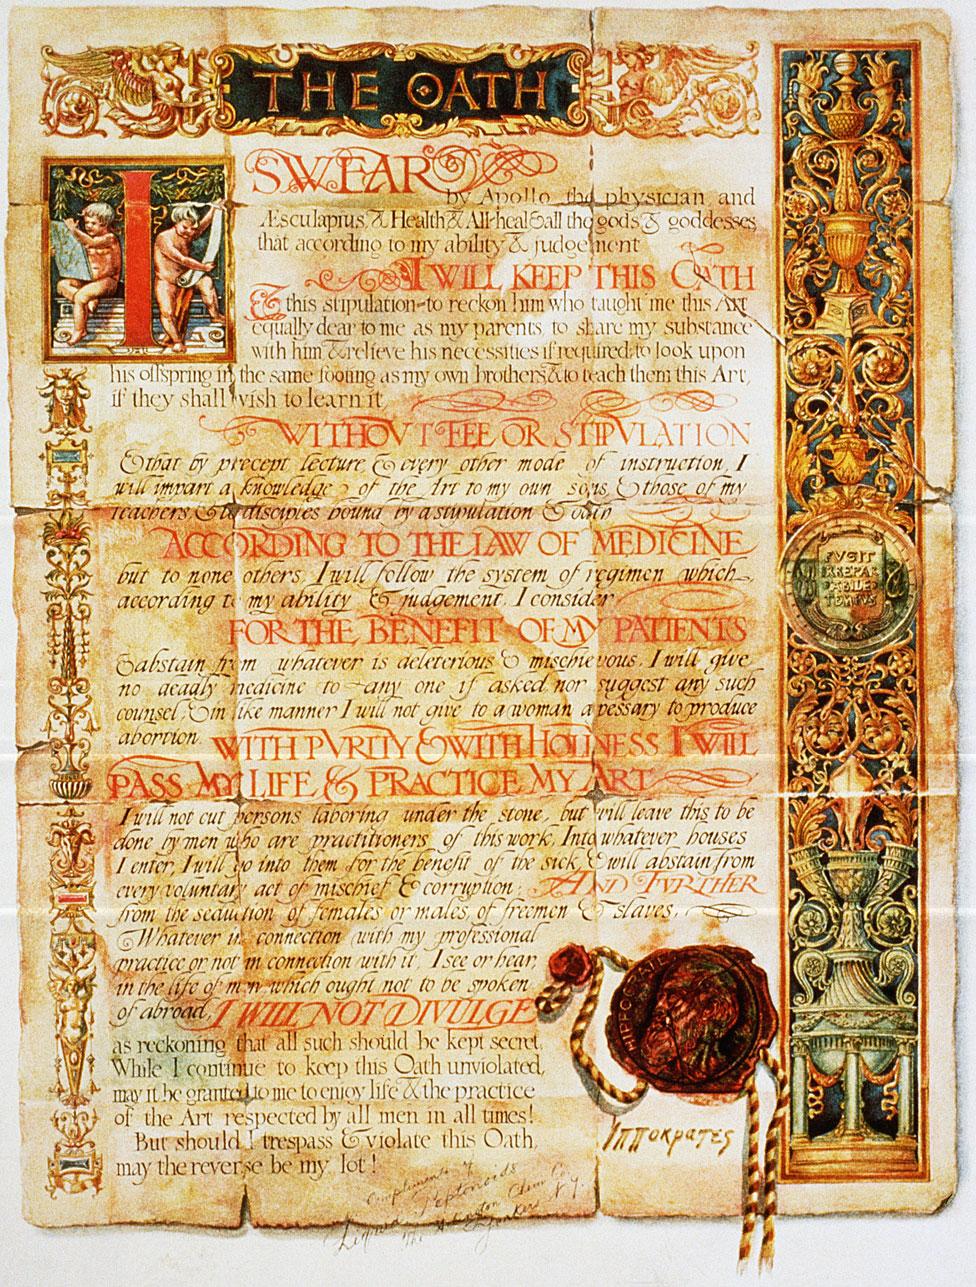 Un documento impreso lleva el juramento hipocrático, un código internacional de ética médica adoptado por la Tercera Asamblea General de la Asociación Médica Mundial en Londres en 1949.